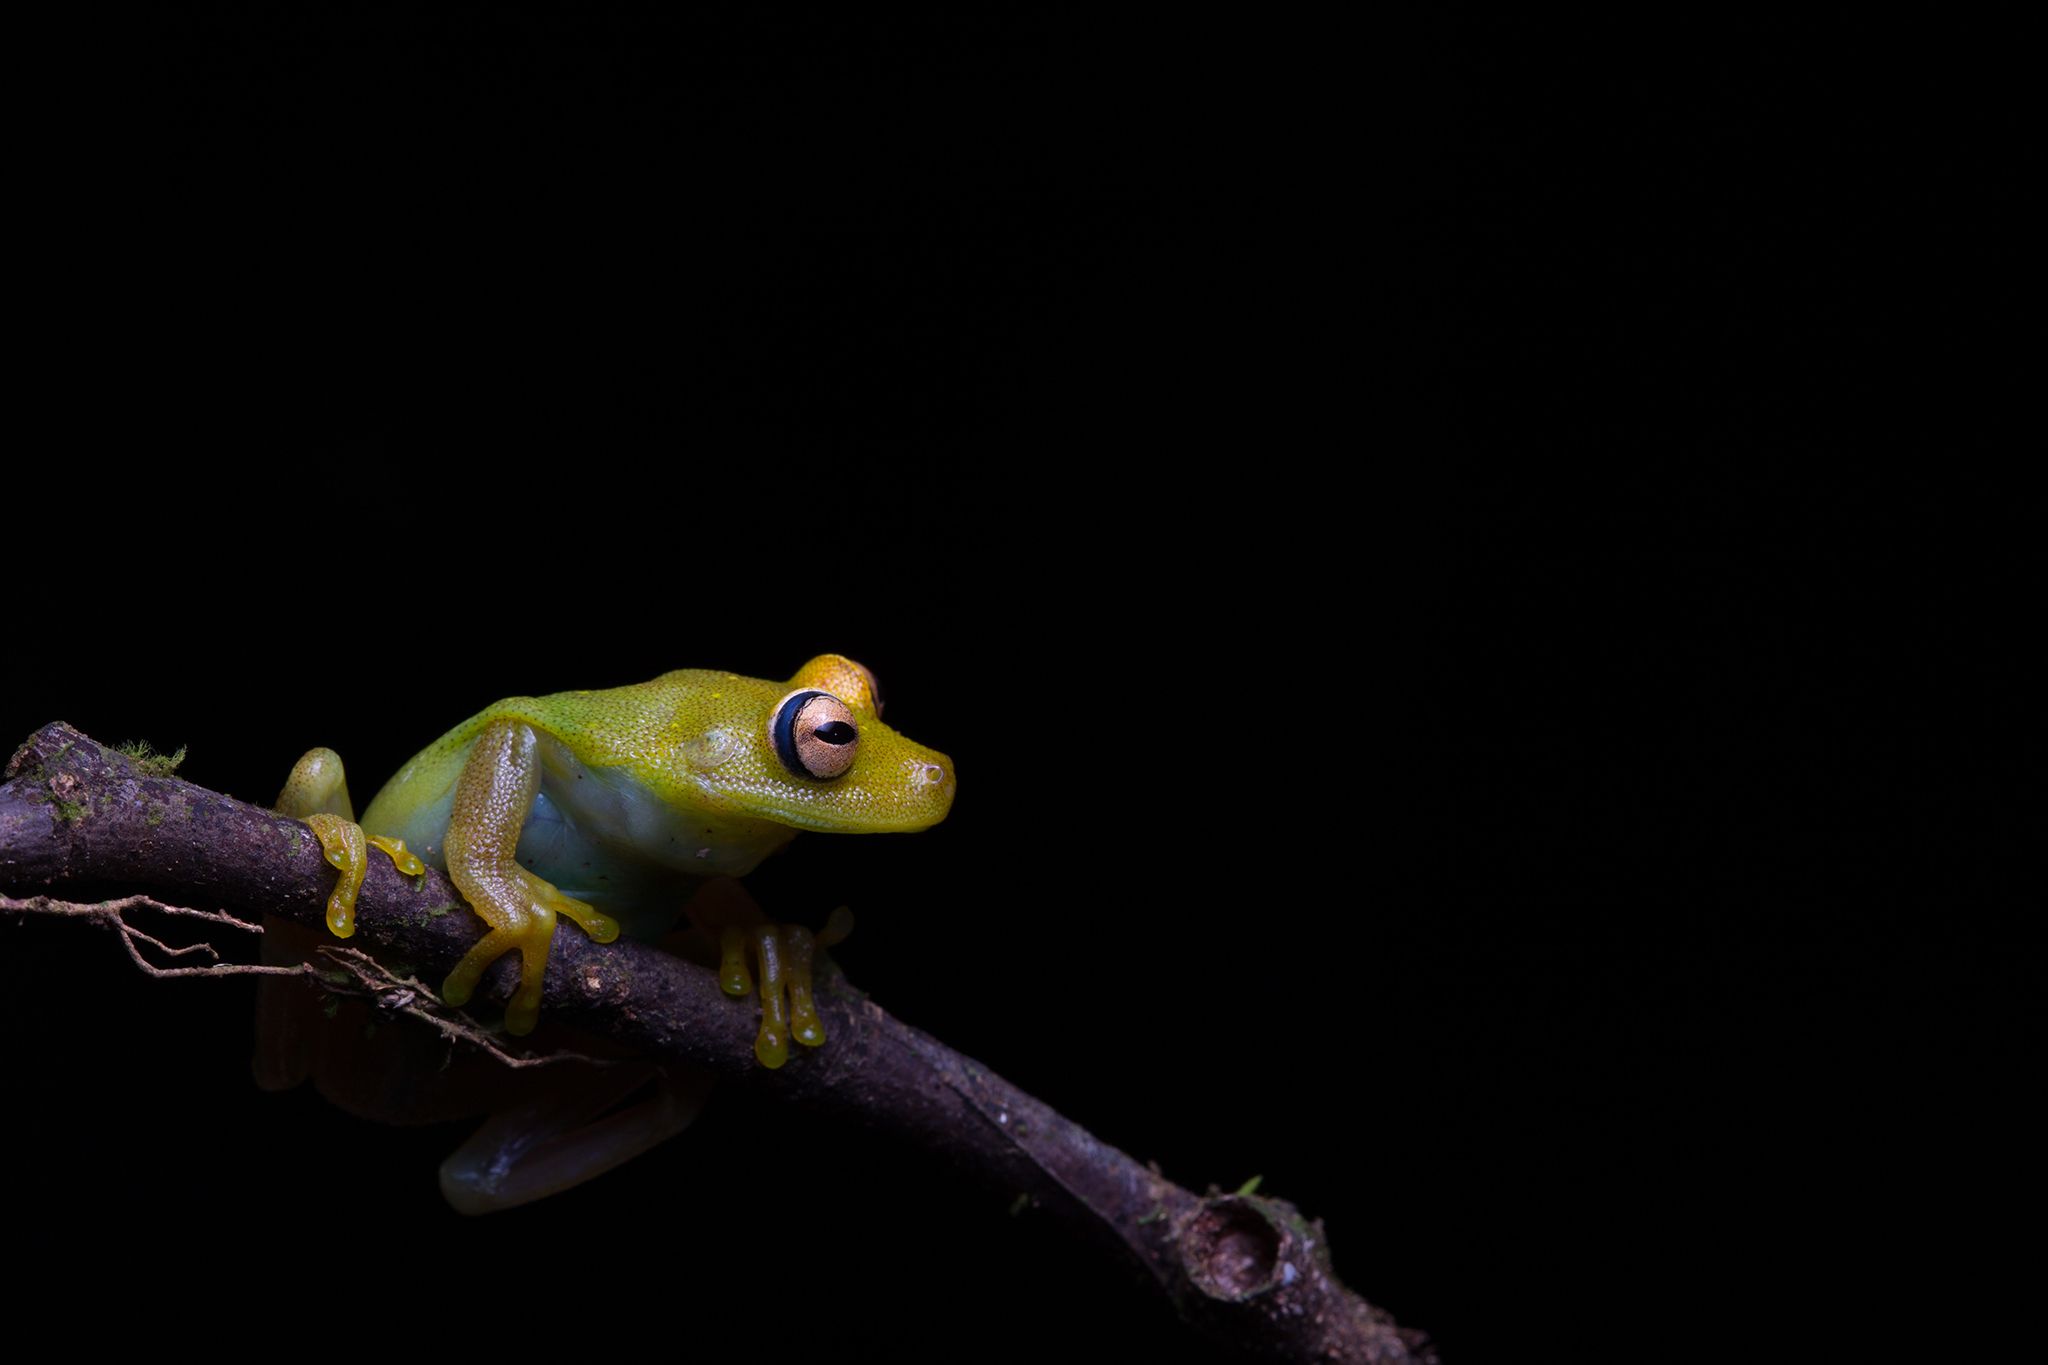 A Demerara Falls tree frog (Hypsiboas cinerascens)